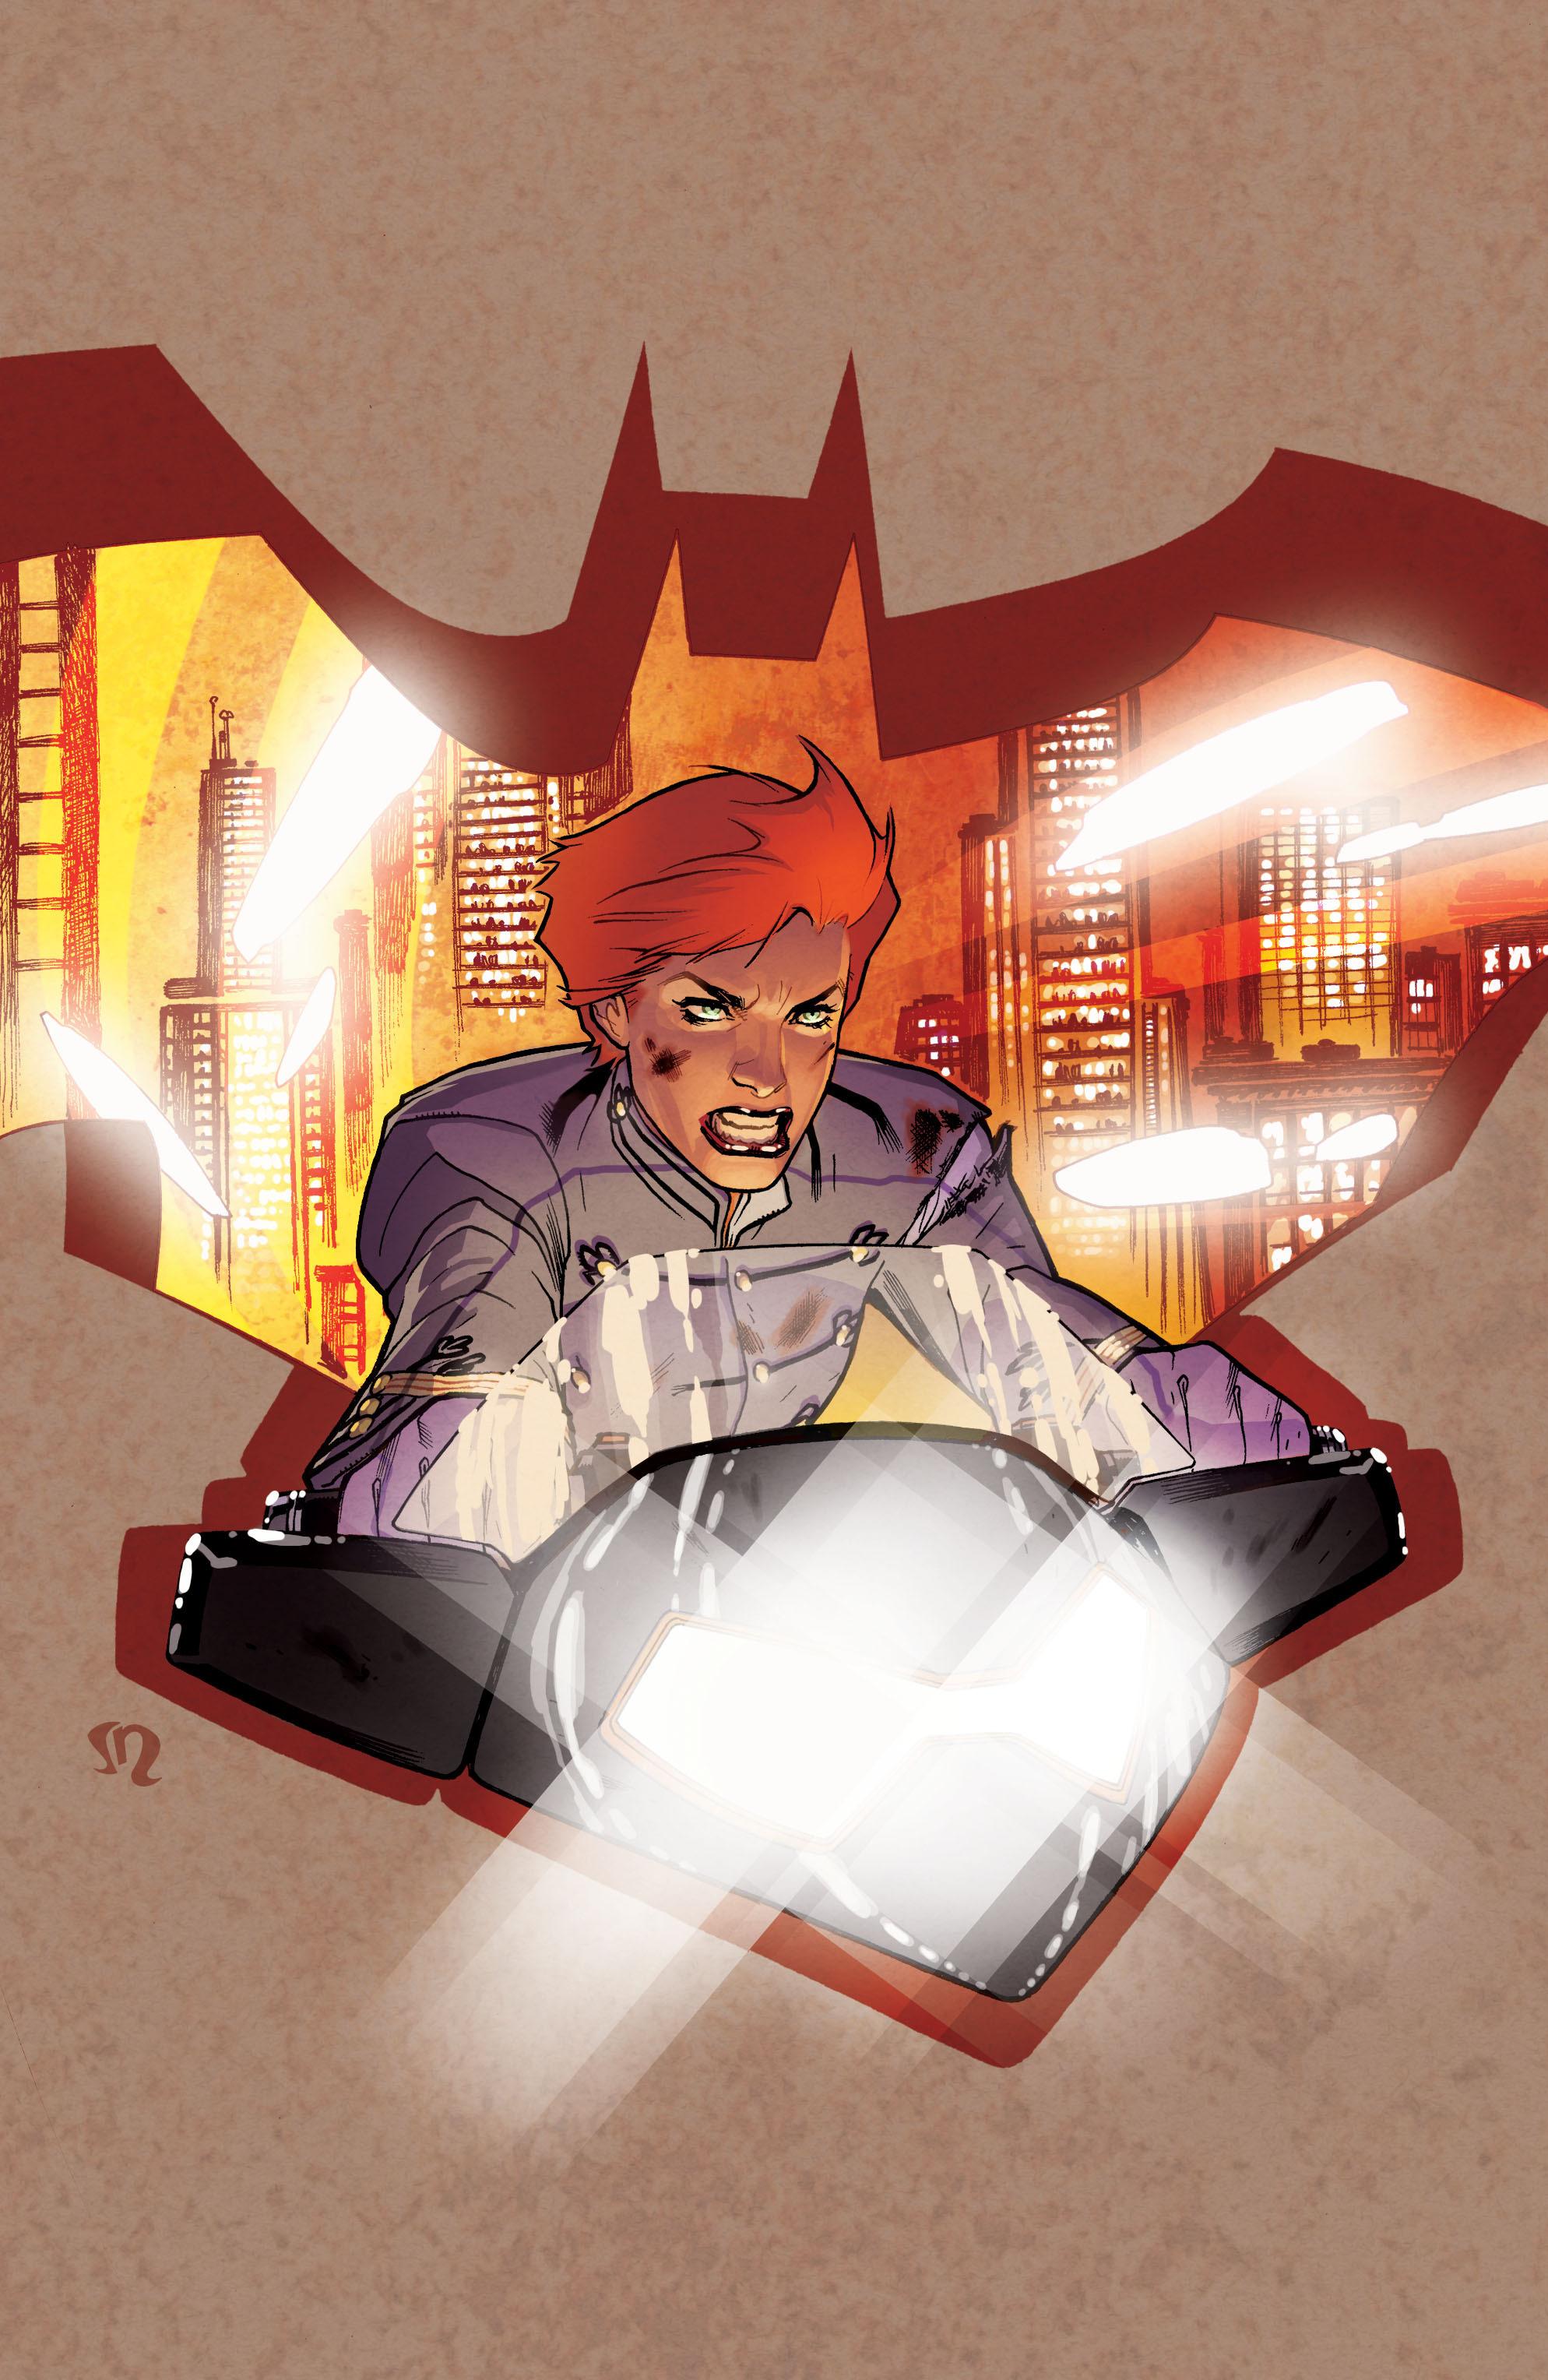 DC Comics: Zero Year chap tpb pic 142